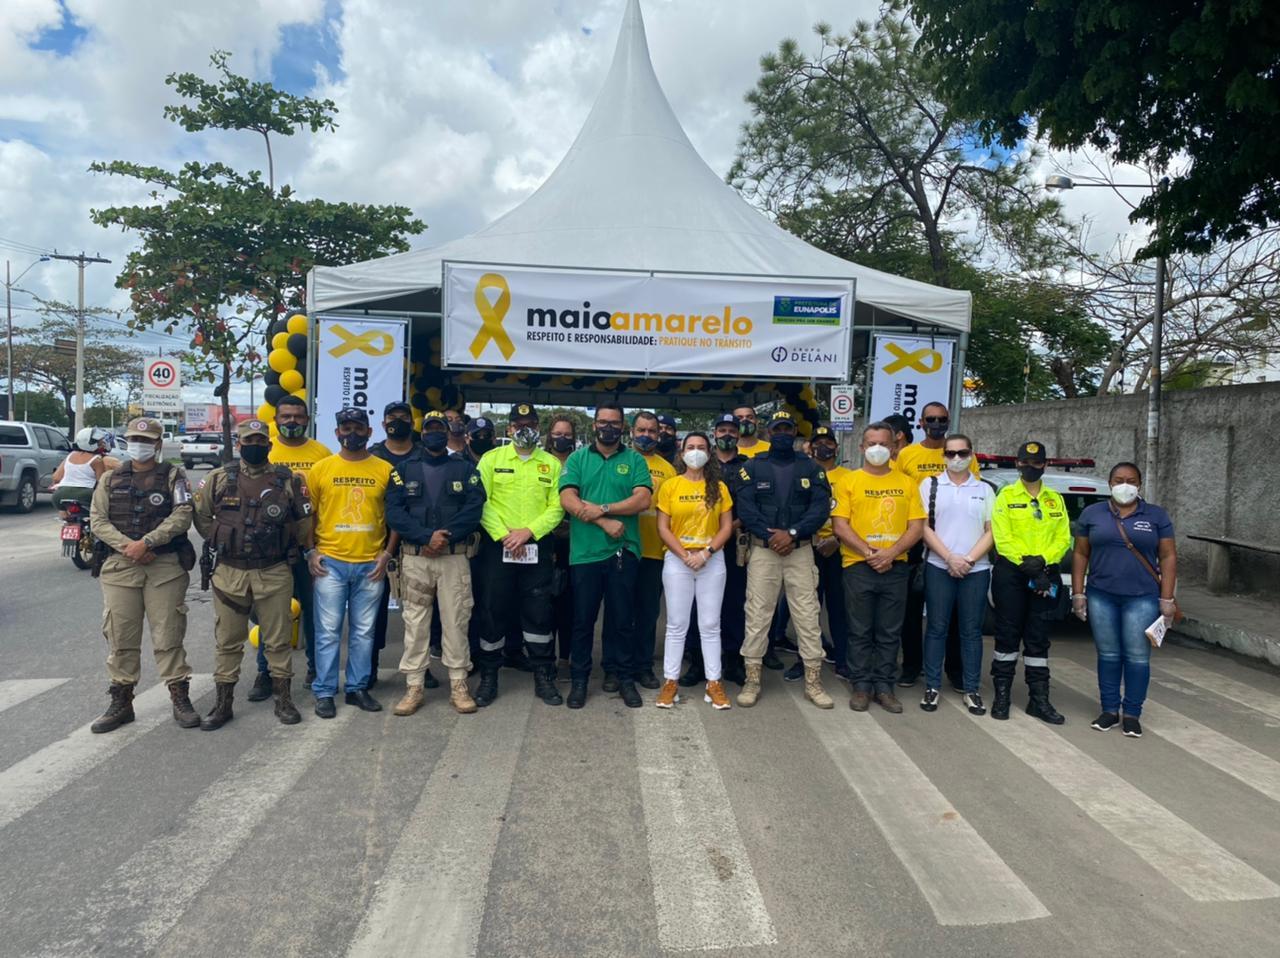 Prefeitura de Eunápolis inicia campanha Maio Amarelo por um trânsito mais seguro 24